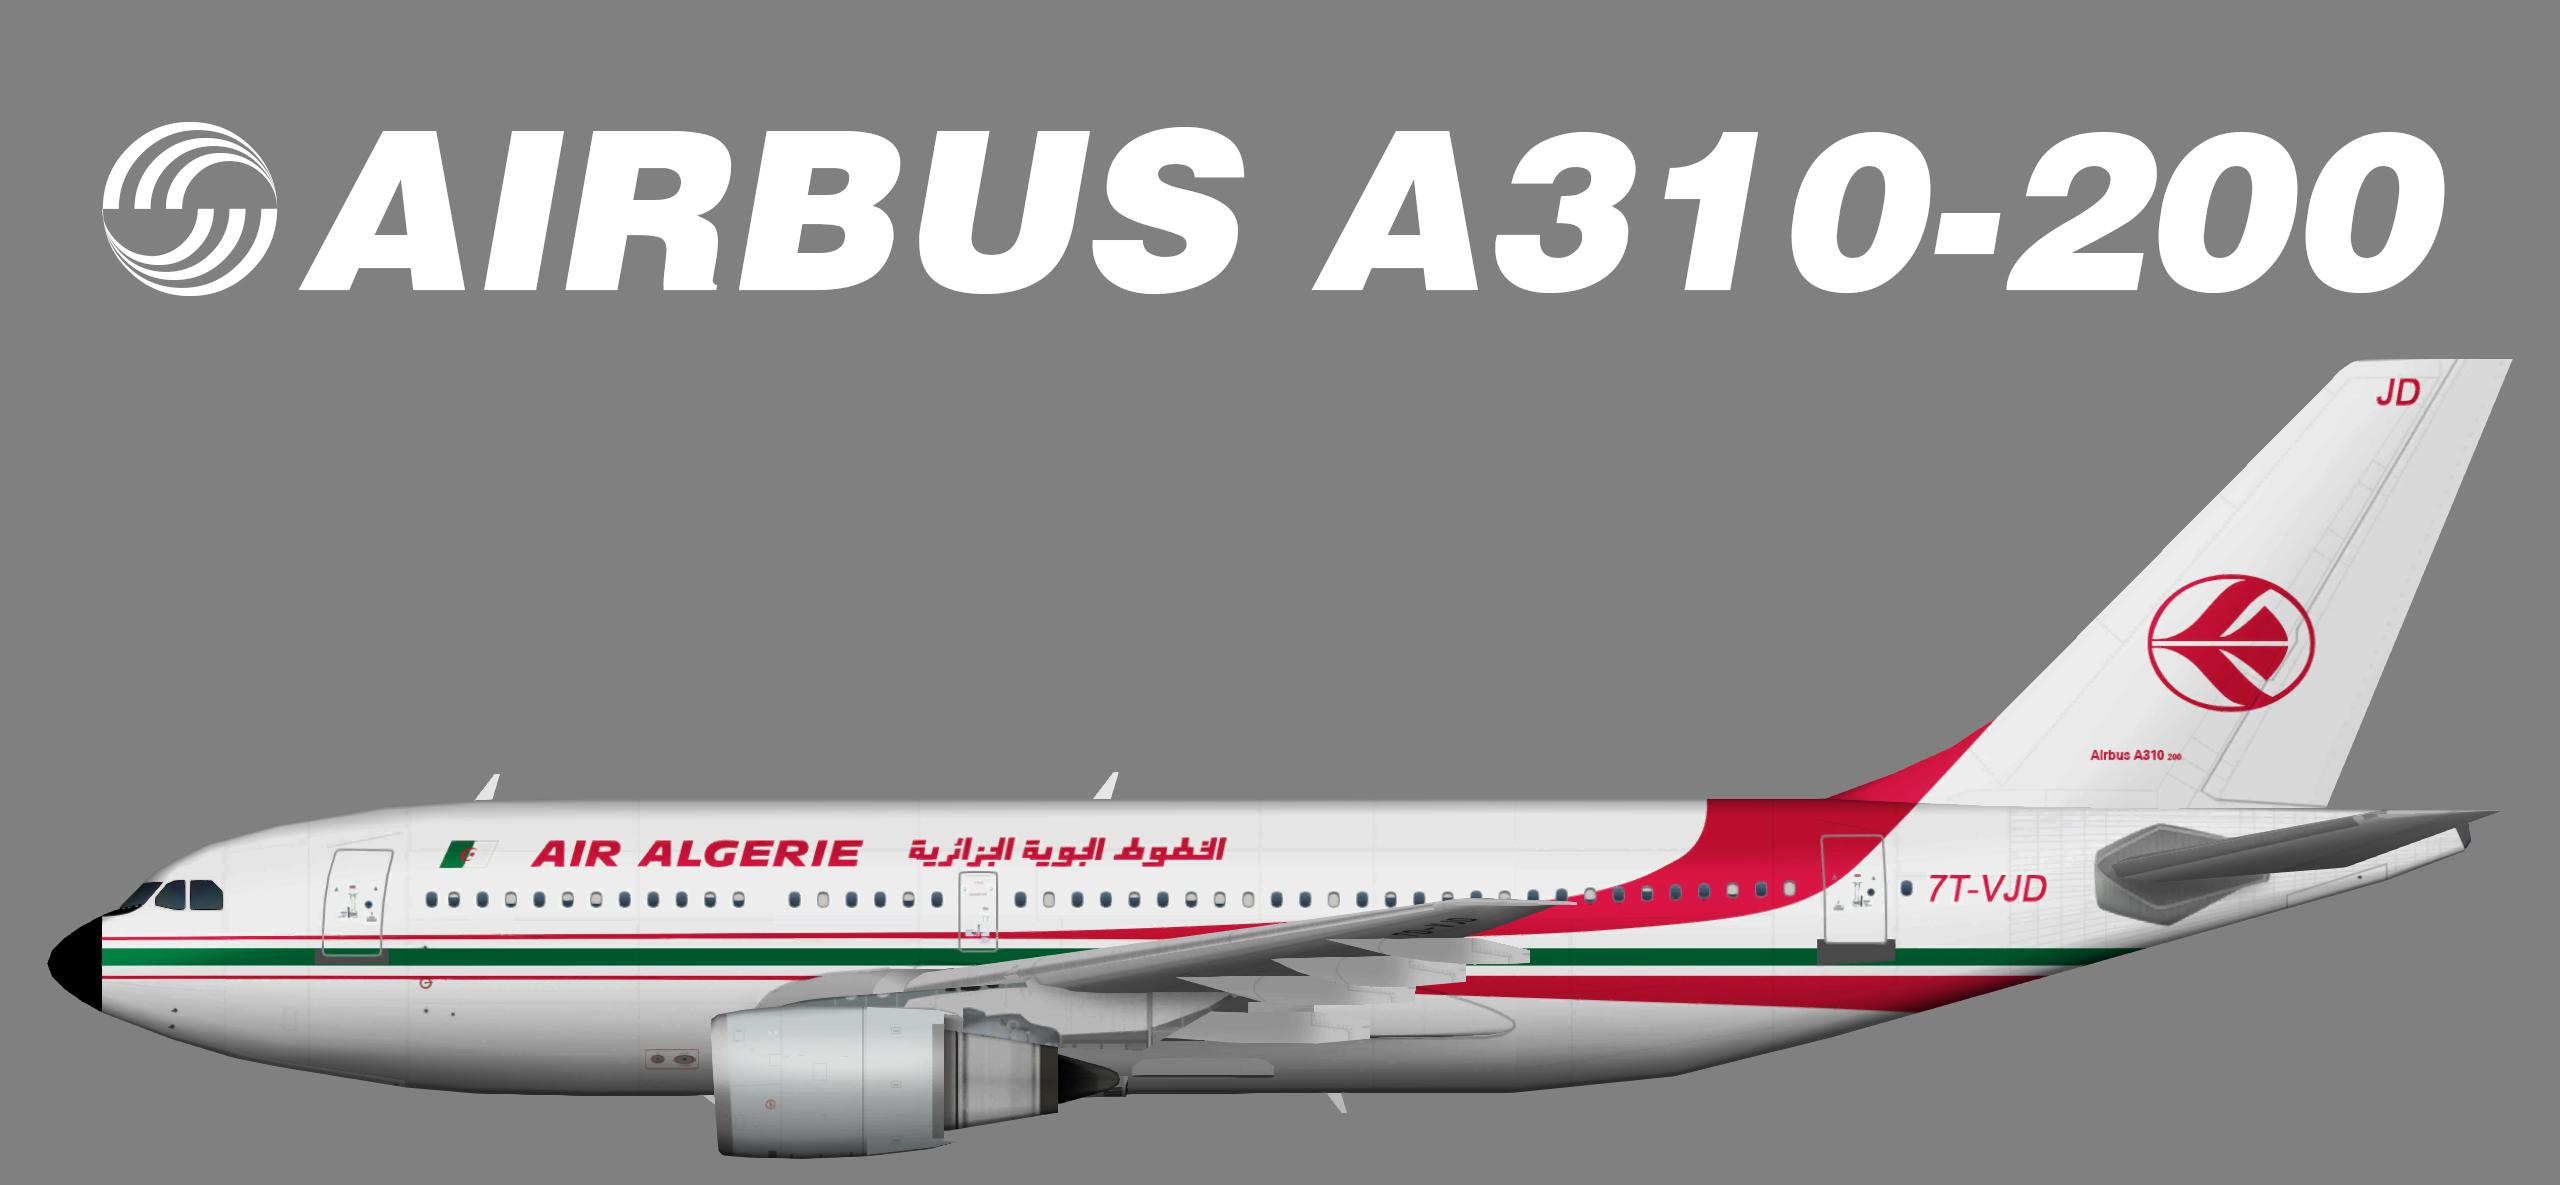 Air Algerie Airbus A310-200